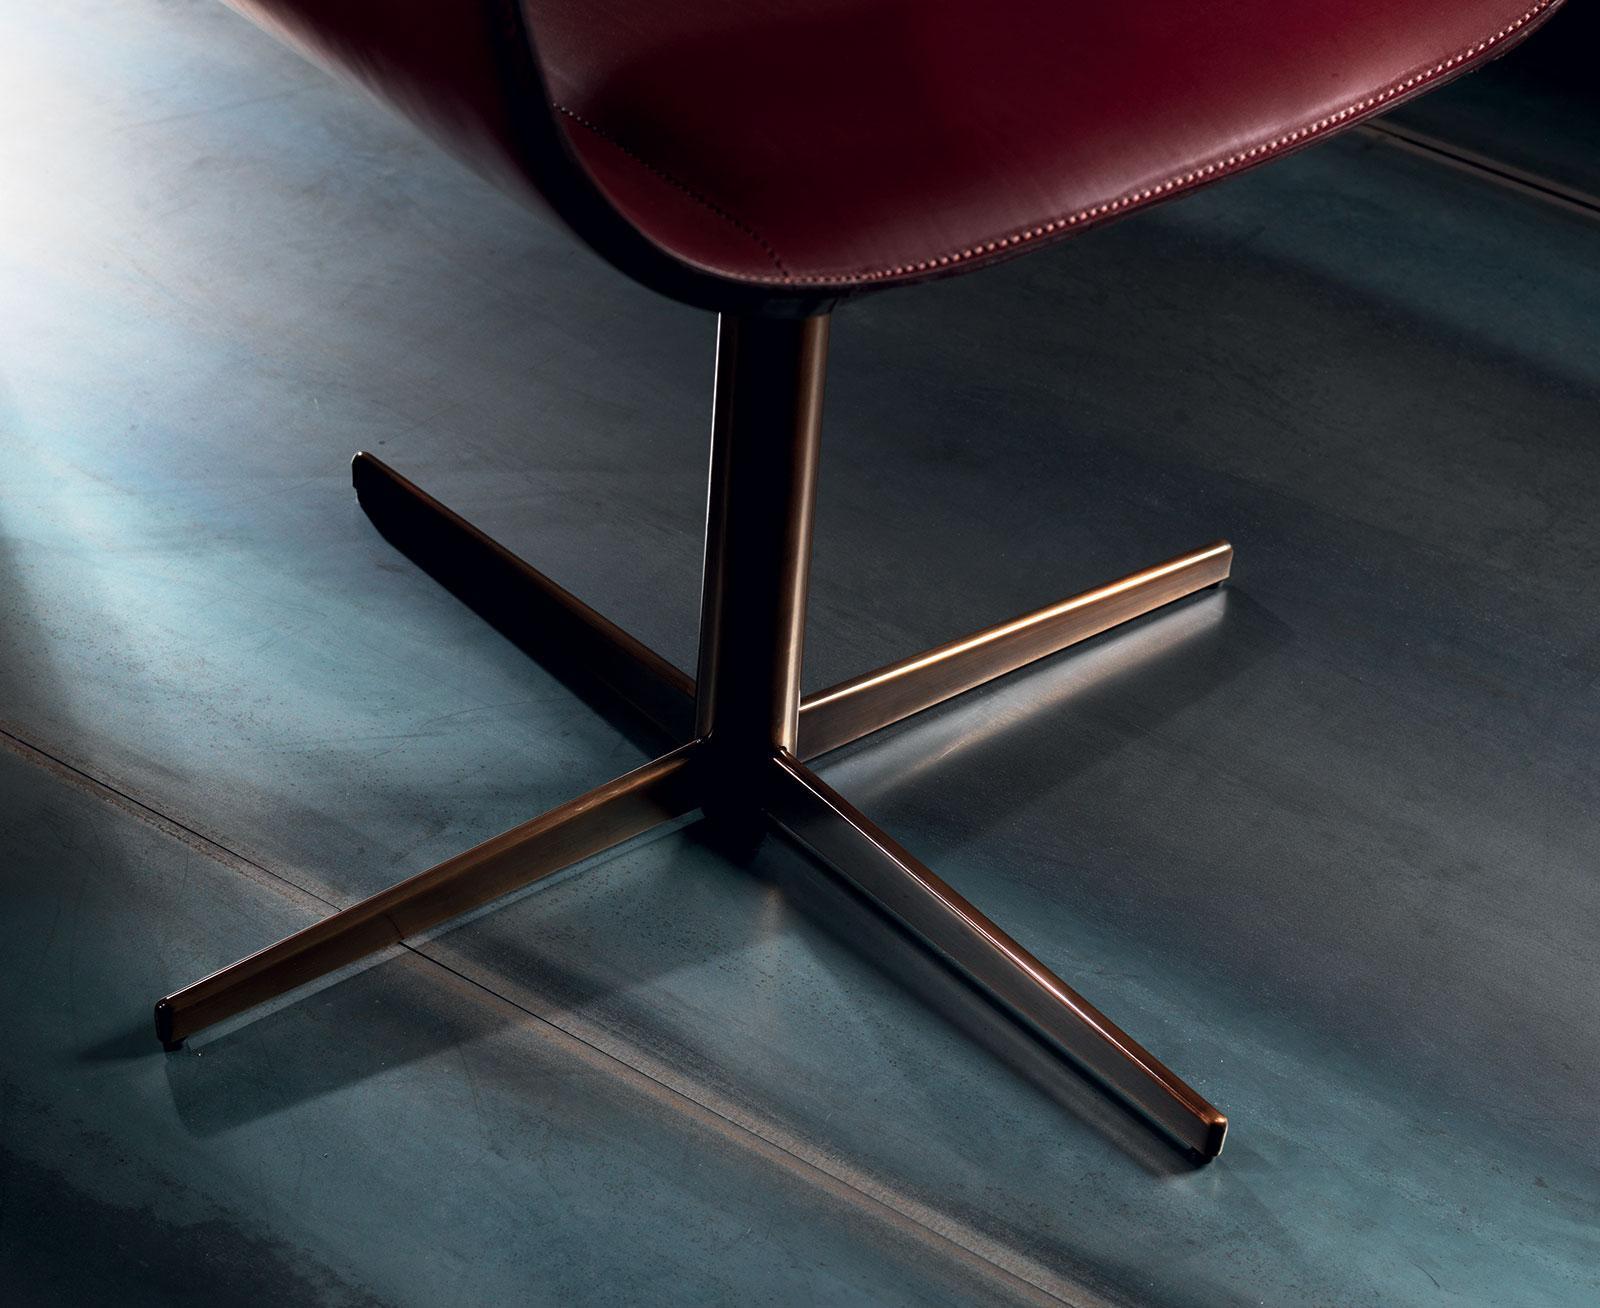 fauteuil cuir bureau gris haut dossier jaune noir original orange pivotant qualité rouge tournant taupe vert ameublement design haut de gamme luxe maison